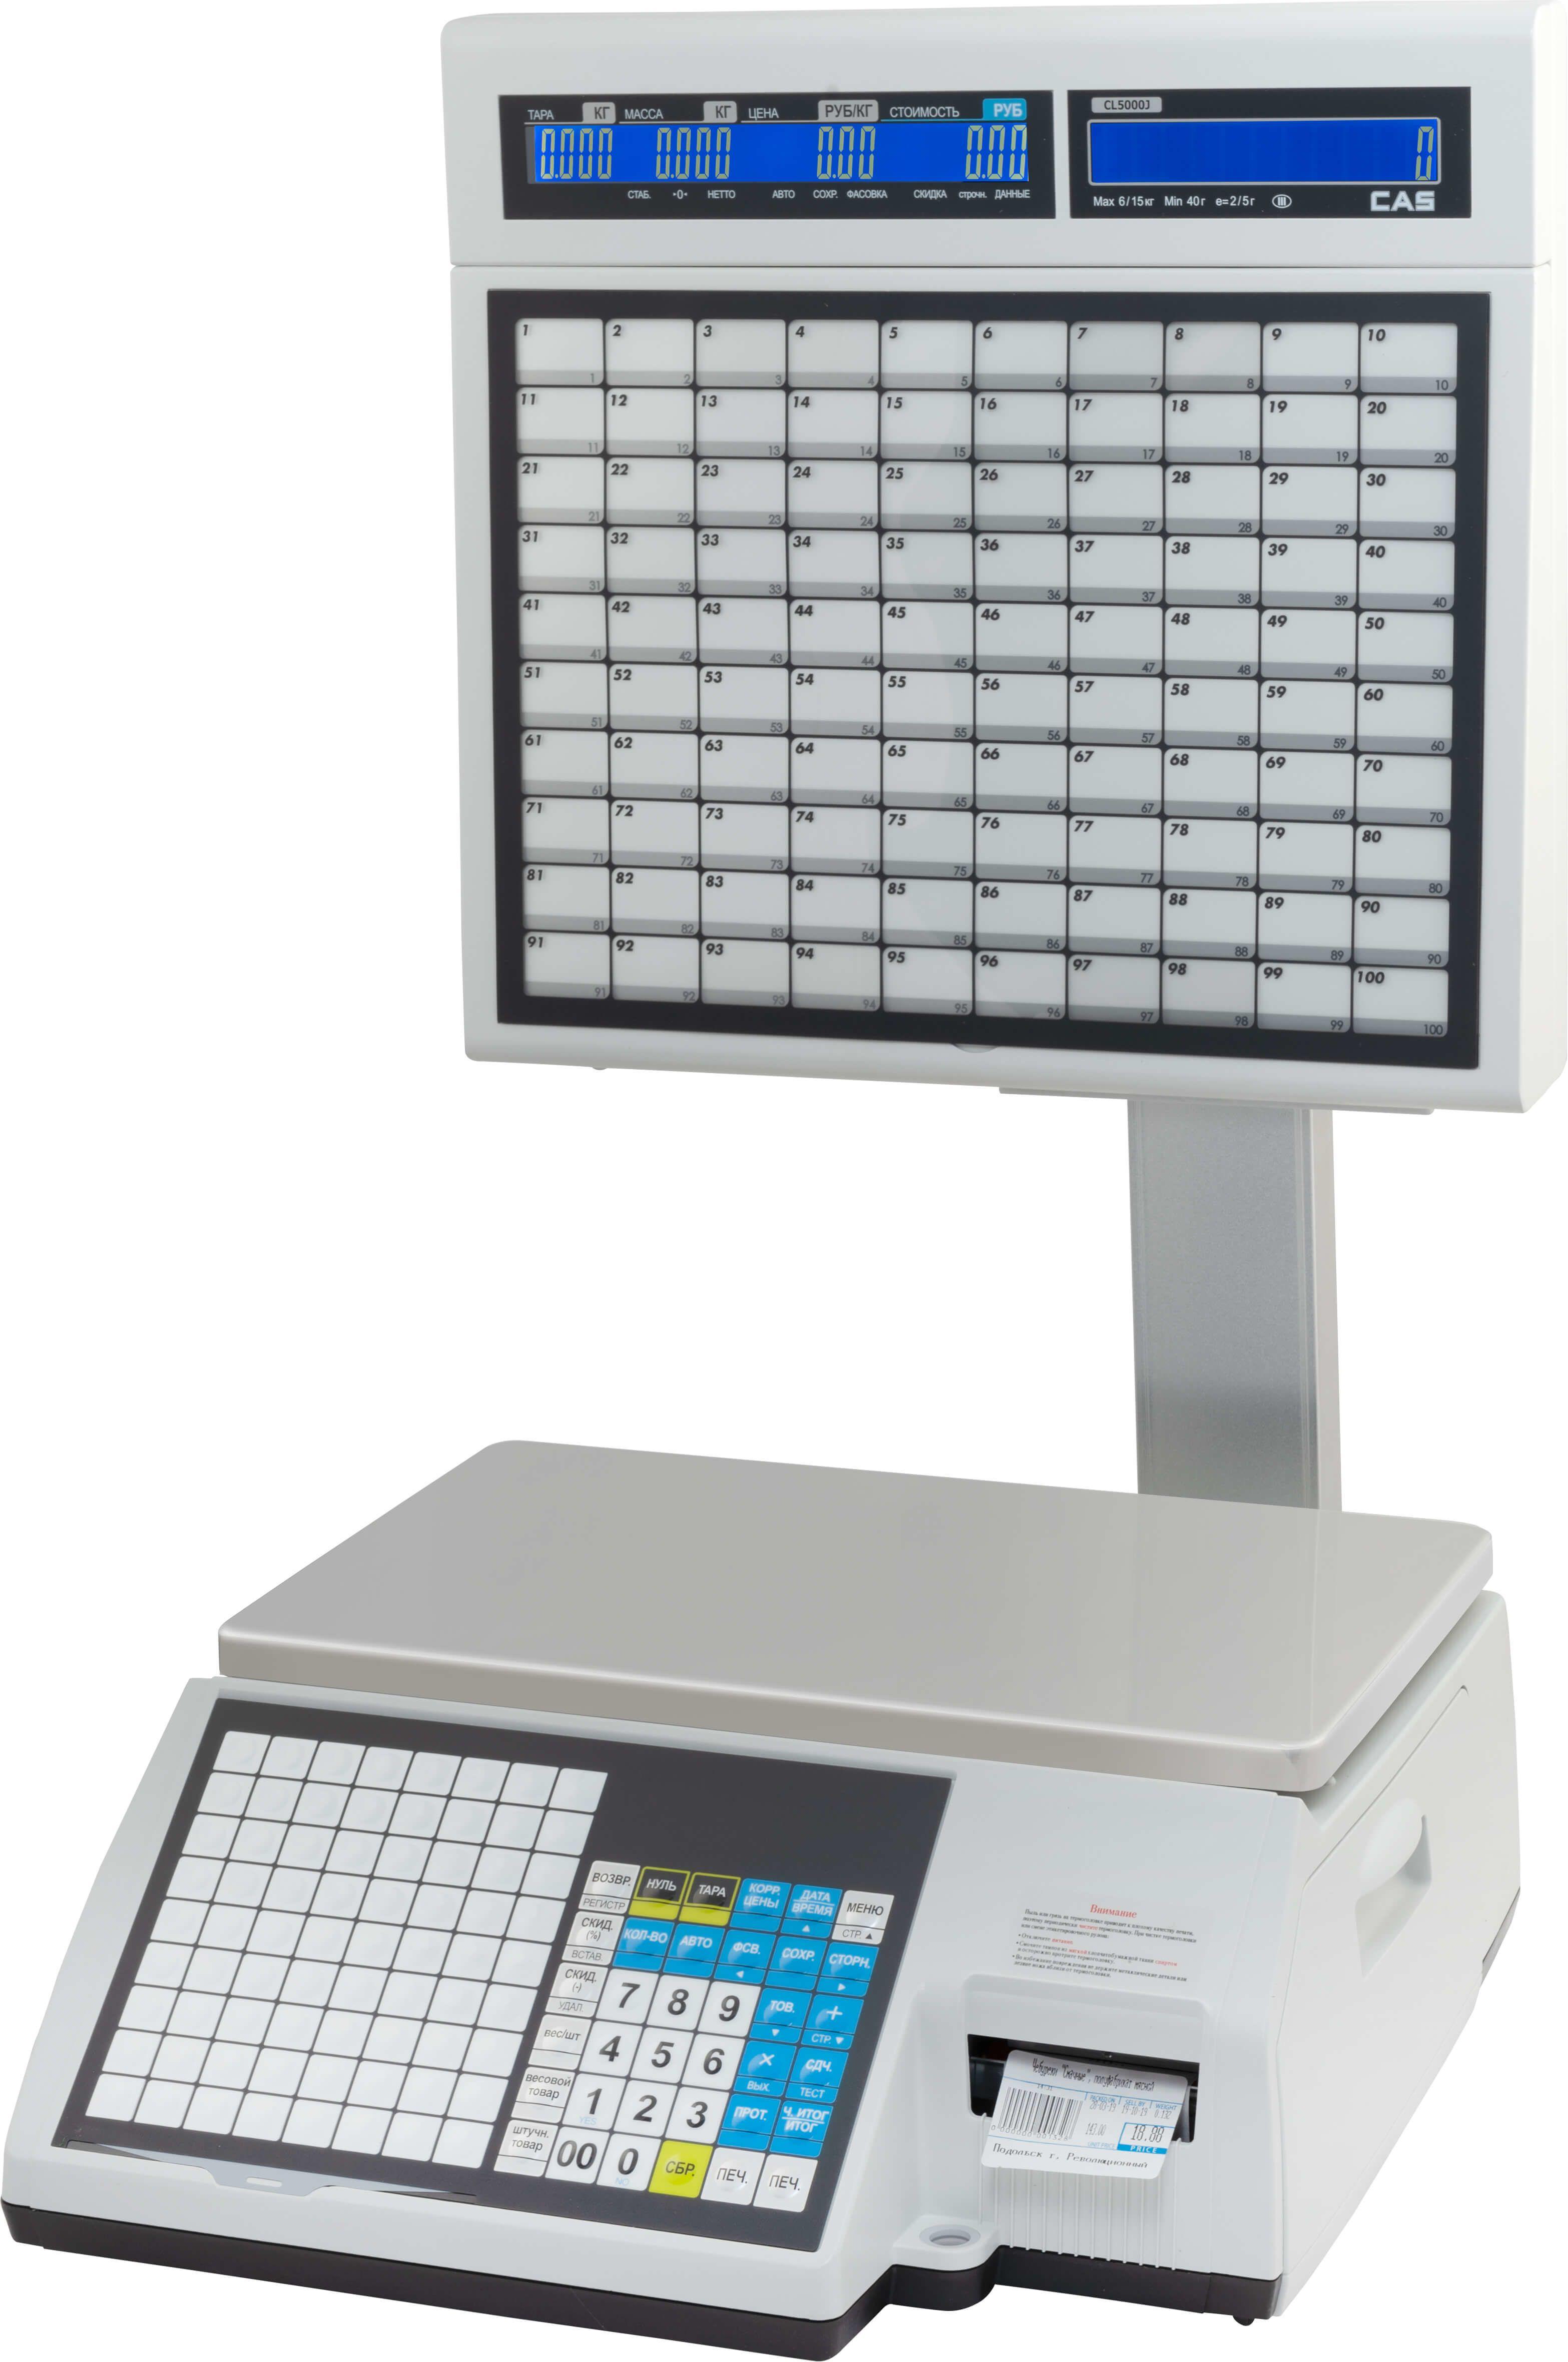 CAS CL5000J-IS с возможностью самообслуживания и печатью этикеток